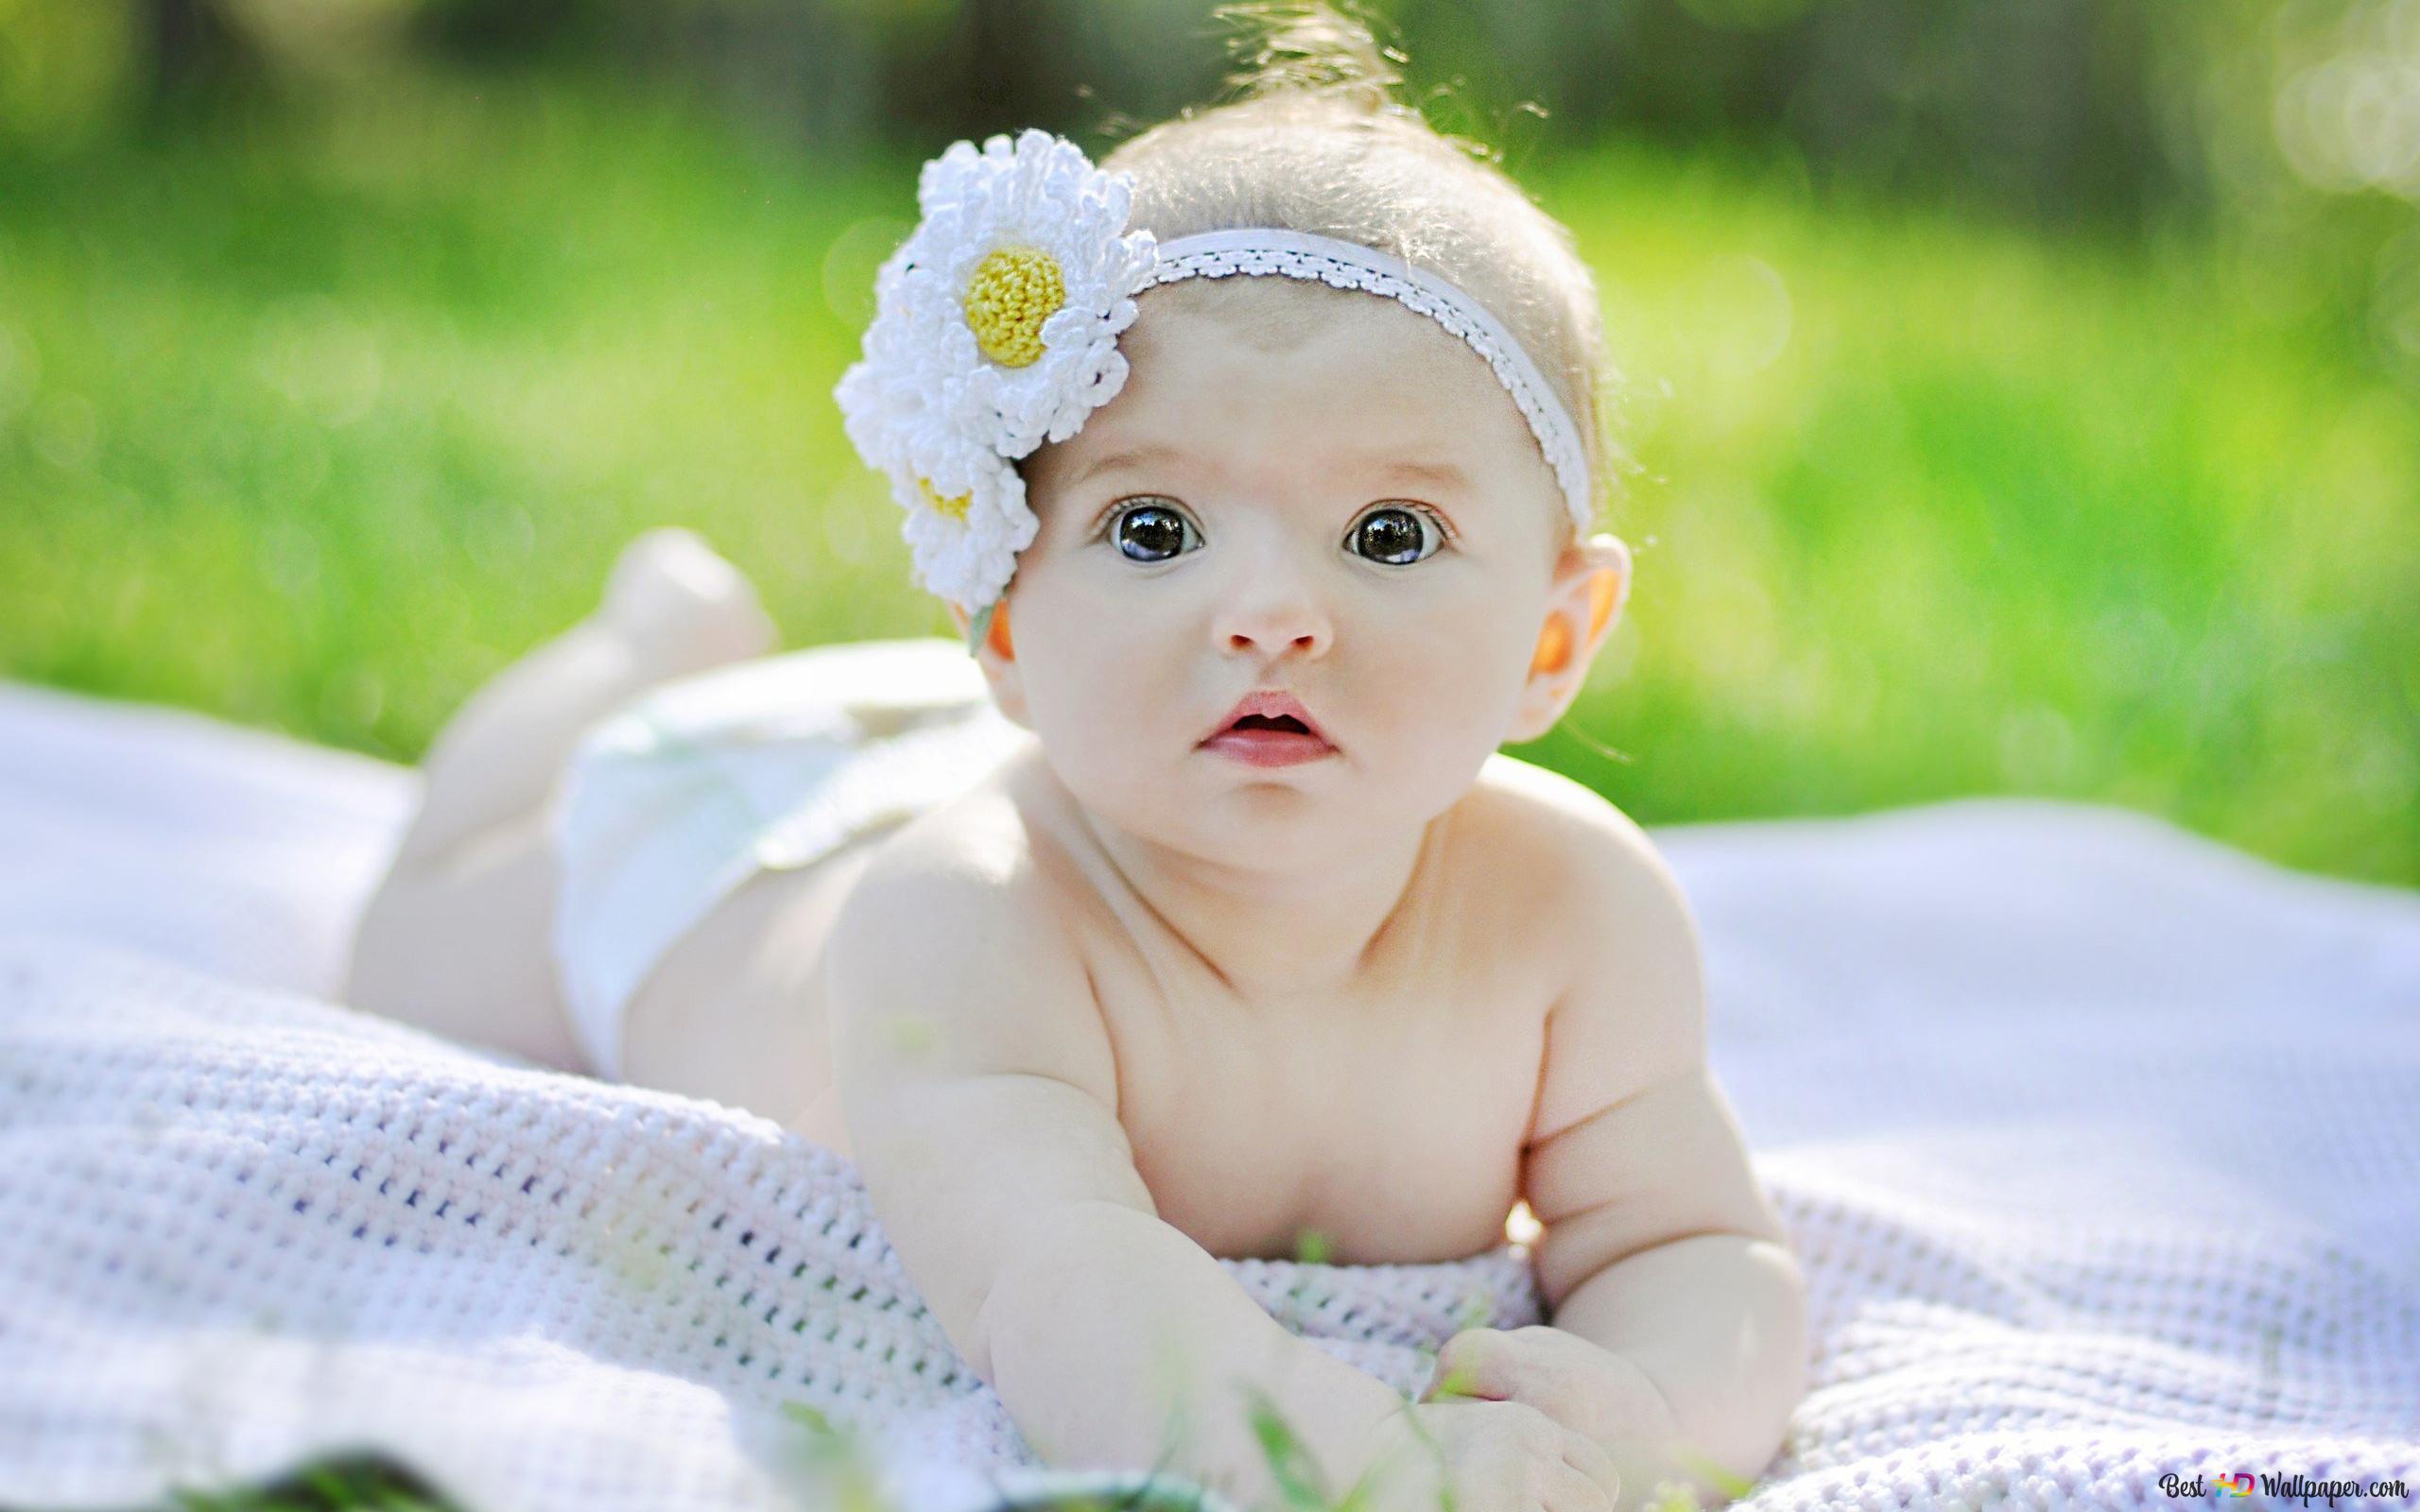 愛らしい女の赤ちゃん Hd壁紙のダウンロード